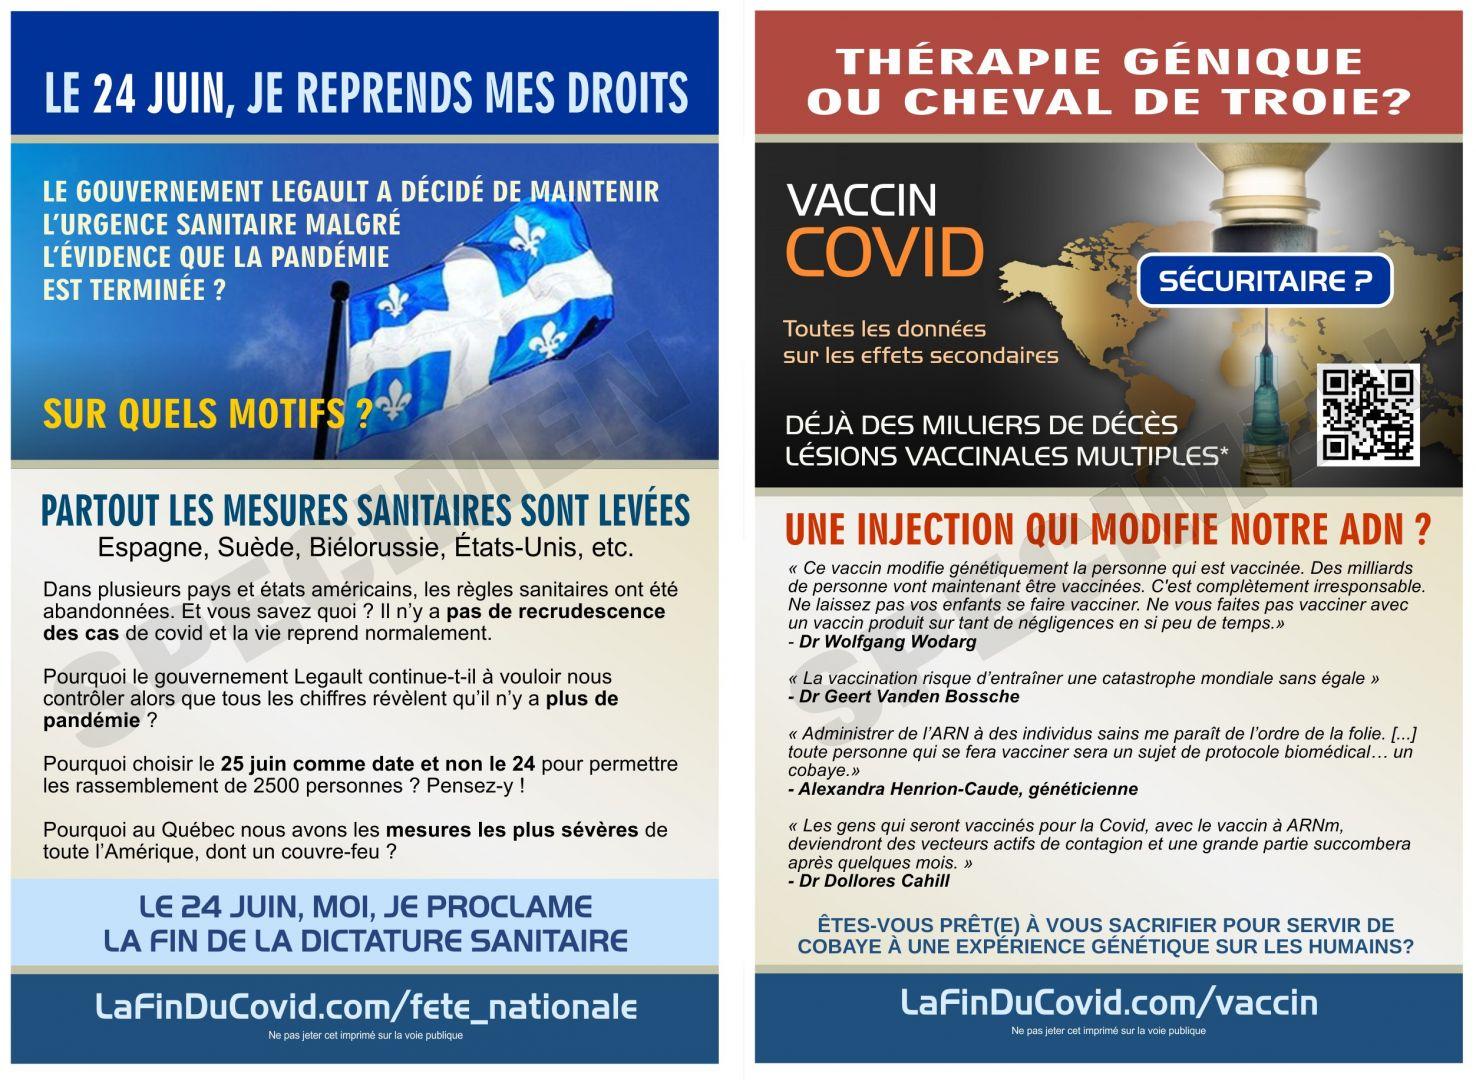 Cartes Postales (4x6) - (24 juin - Vaccin dangereux)